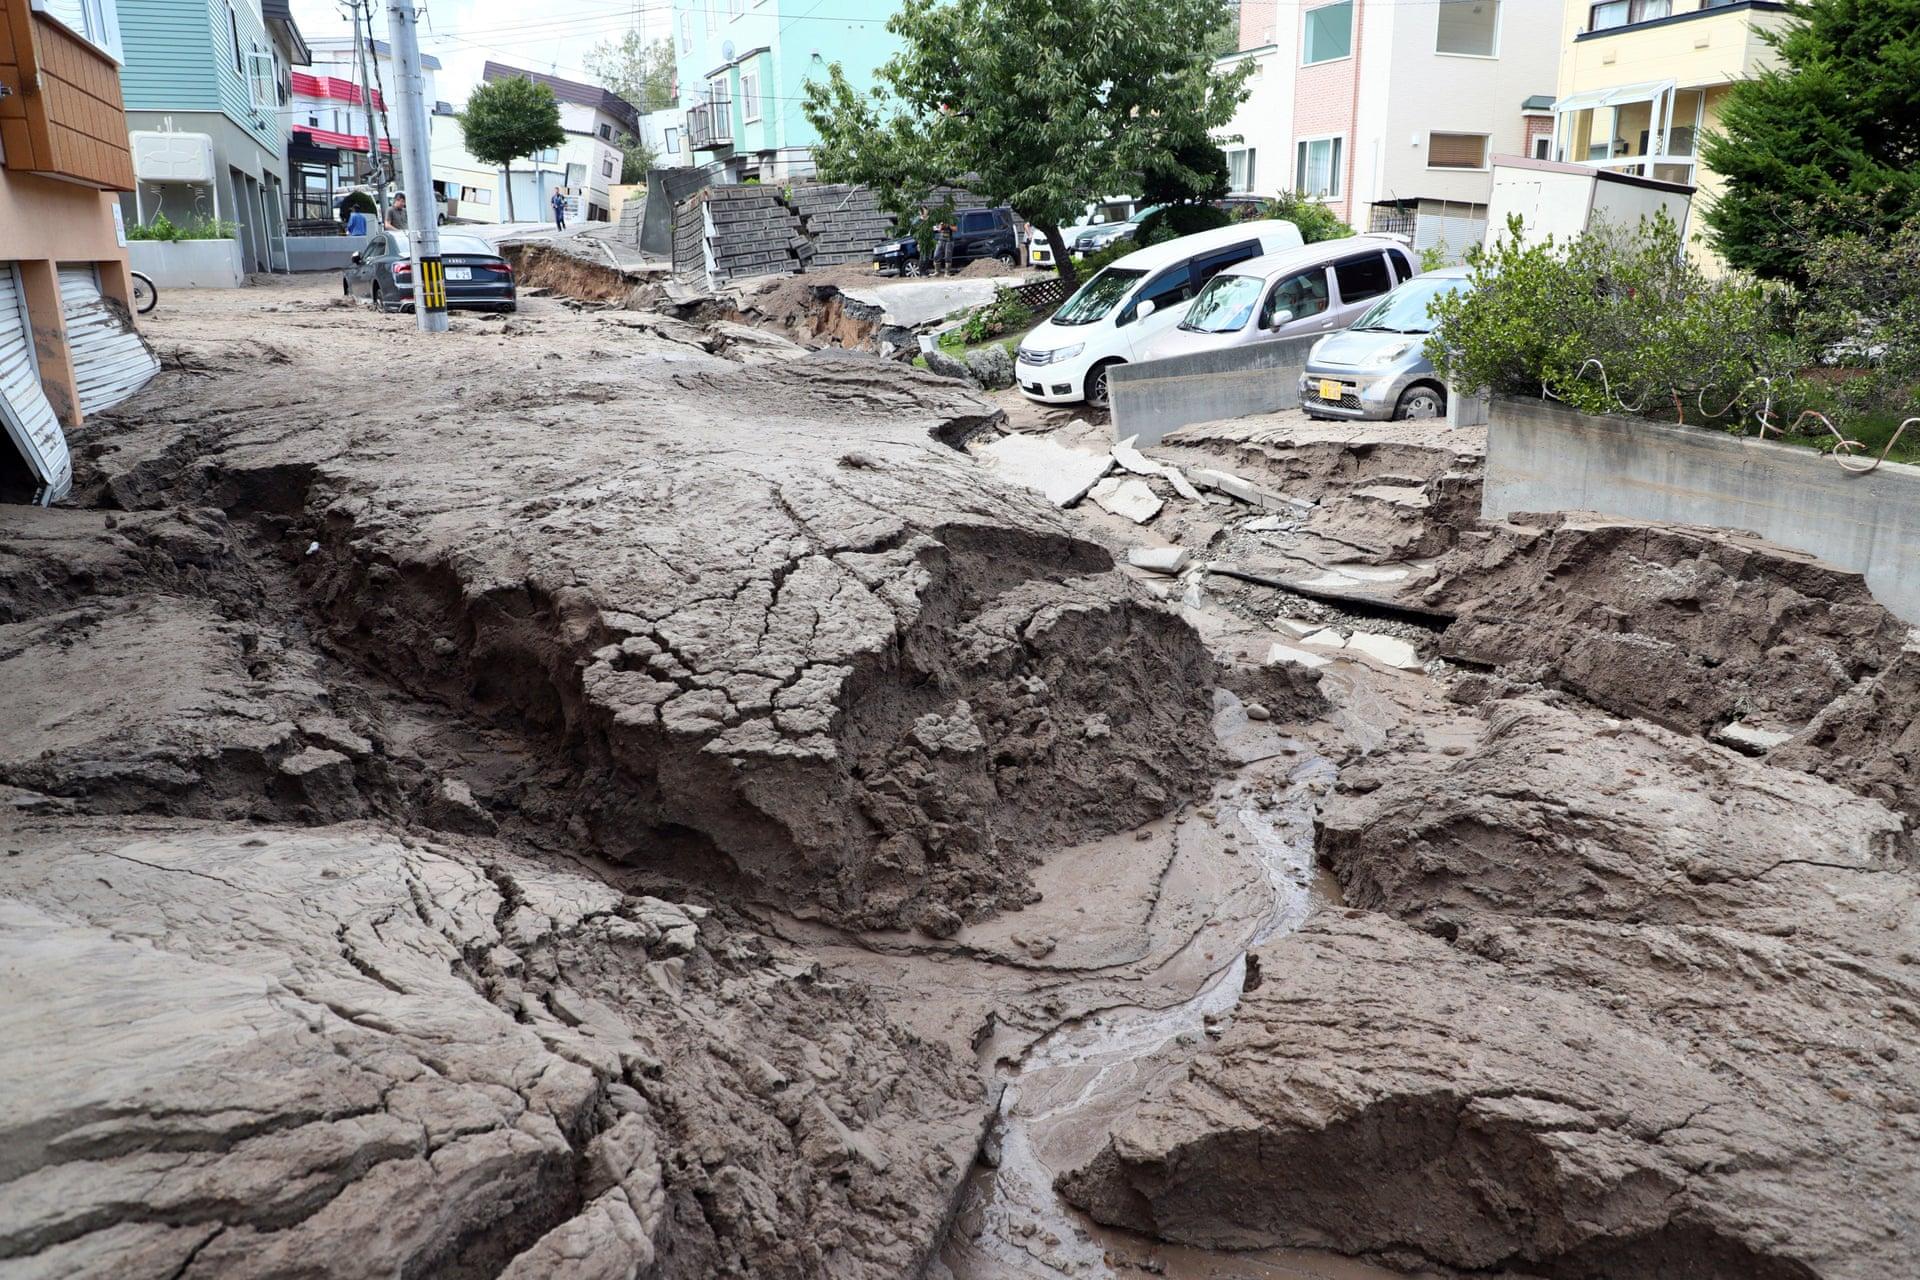 Hokkaido Earthquake (2018) - Jiji Press/EPA